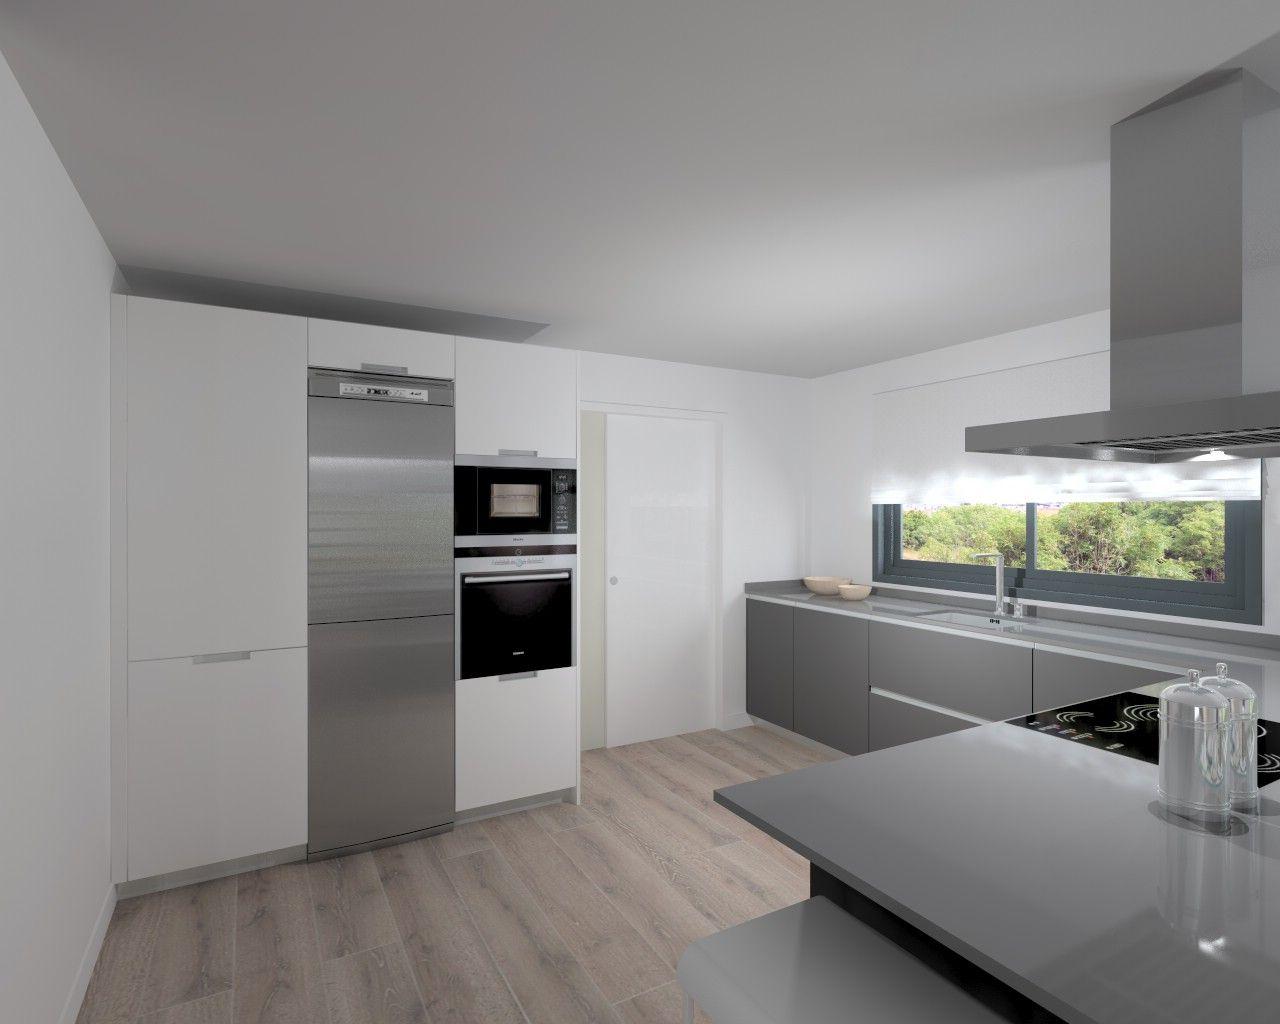 Madrid | Cocina Santos | Modelo Line | Encimera Silestone ...